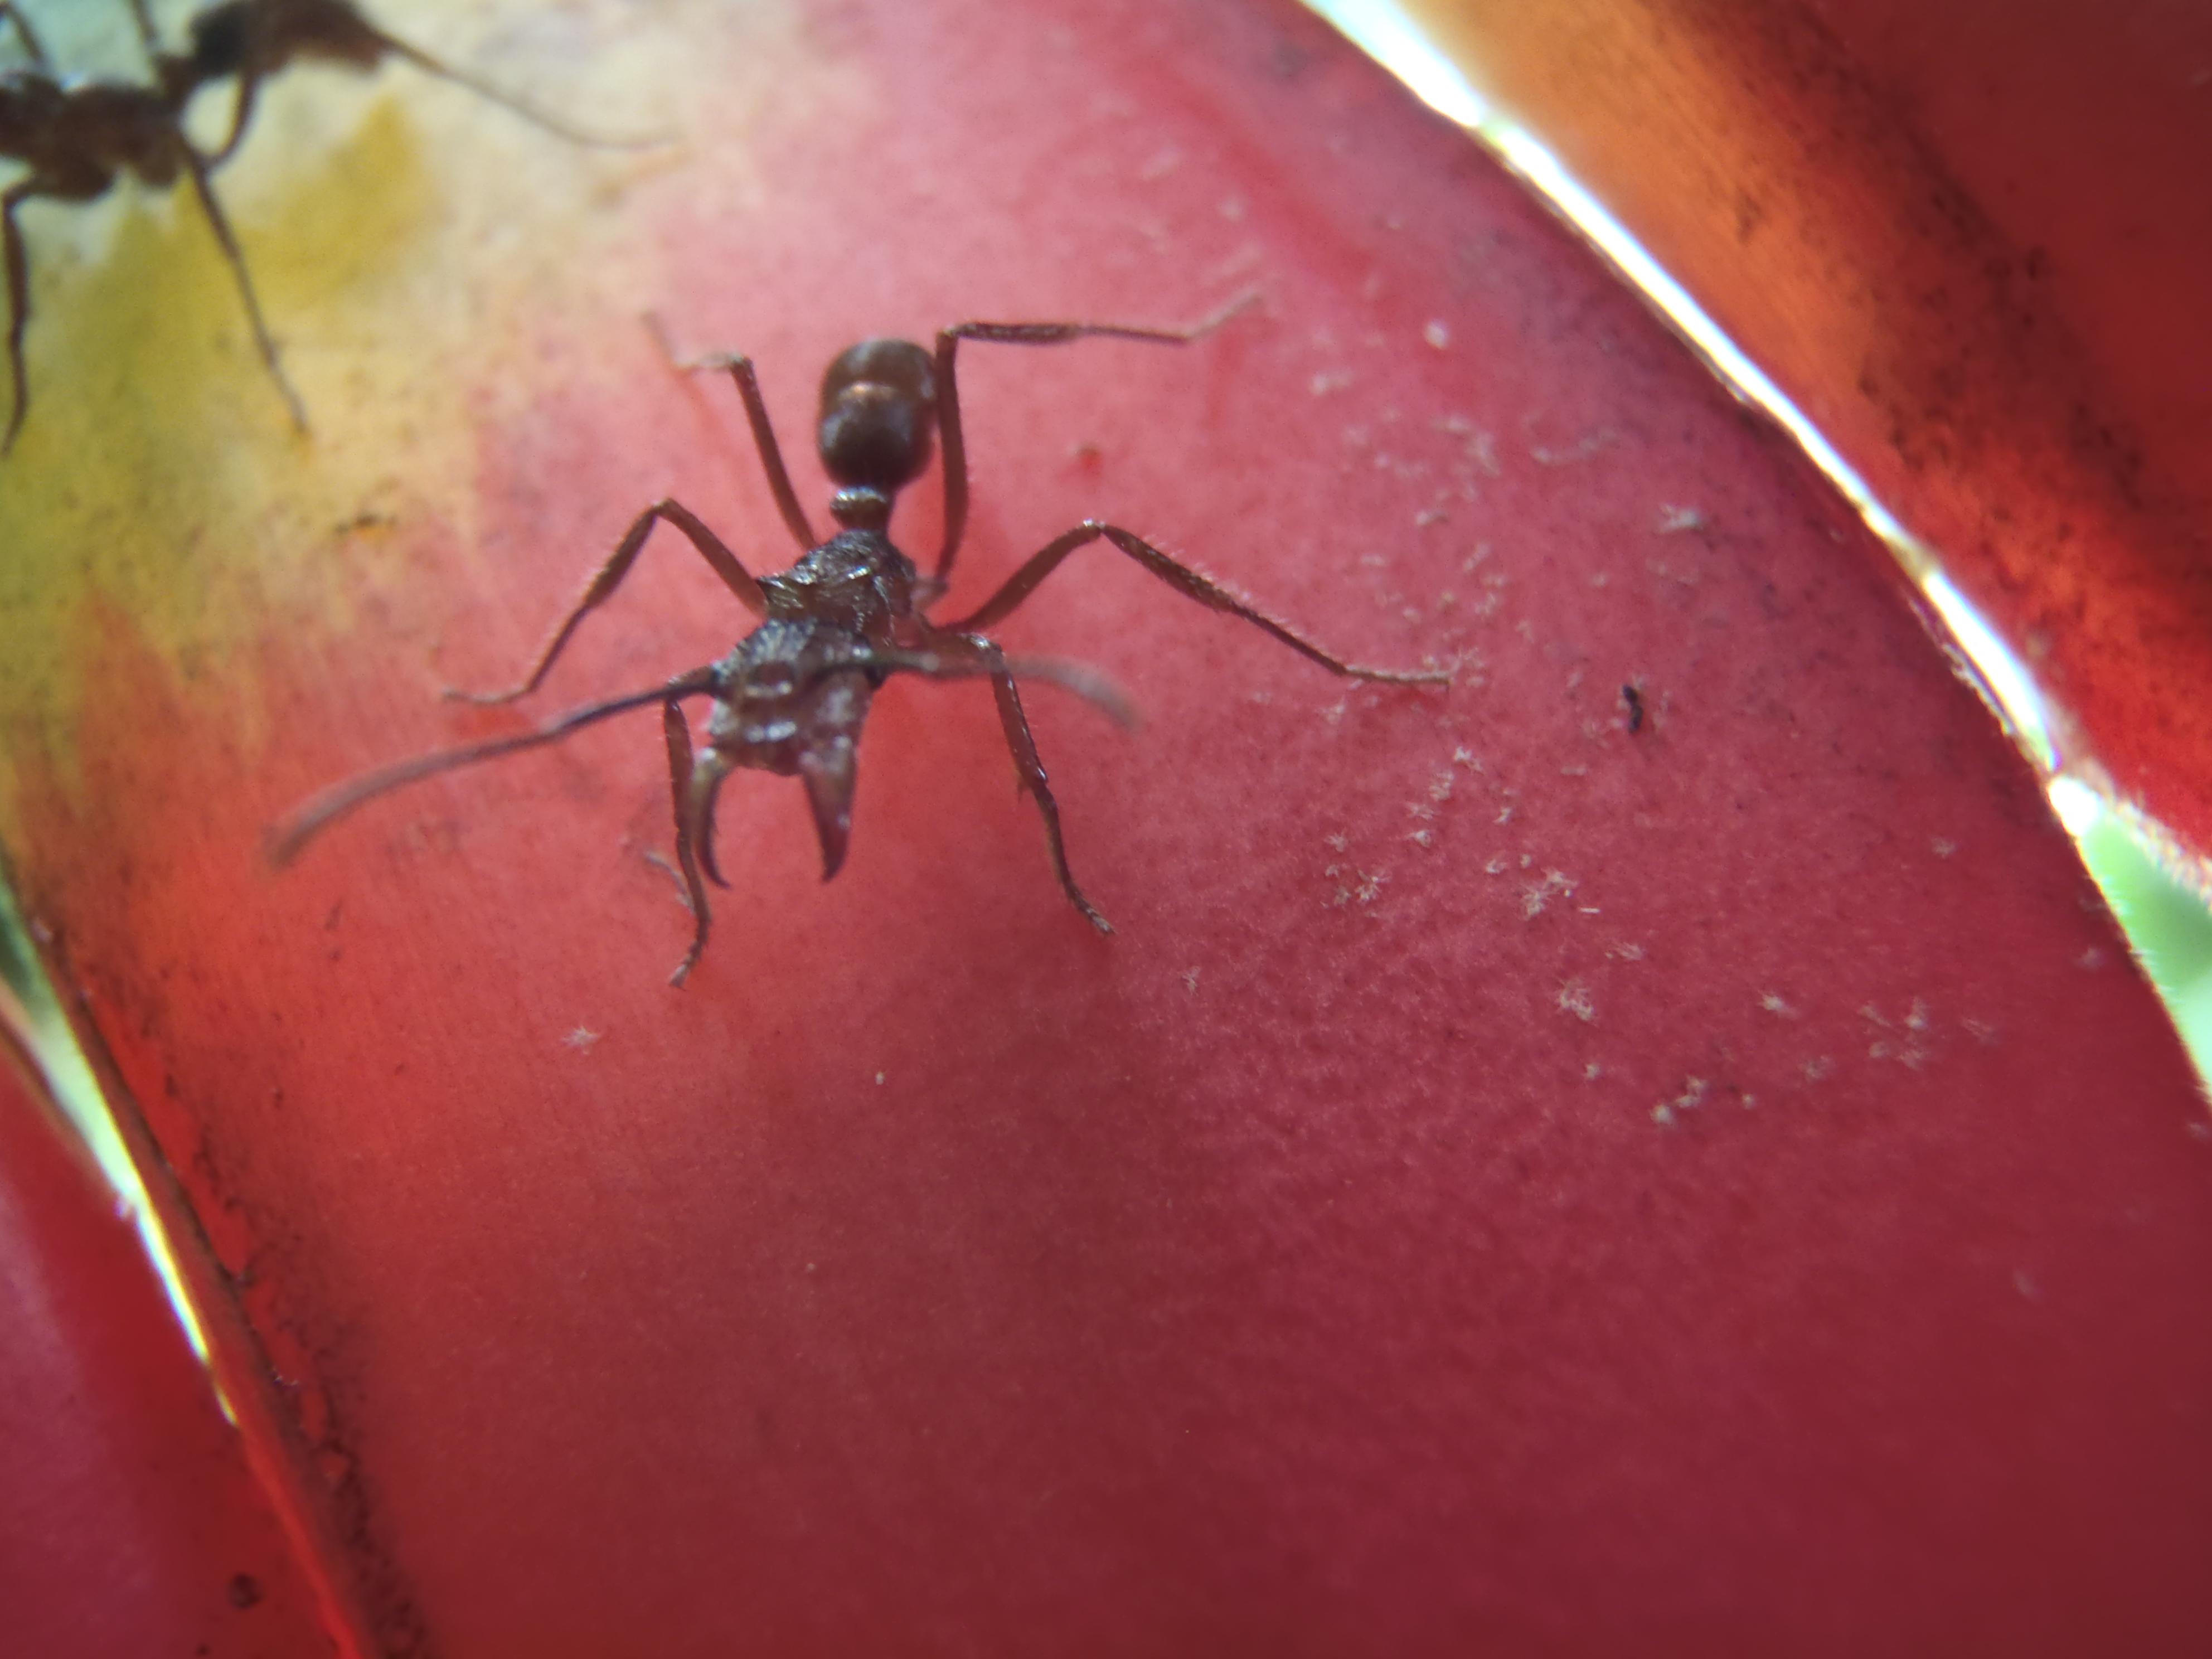 La fourmi rouge images frompo - Fourmi rouge et tamanoir ...